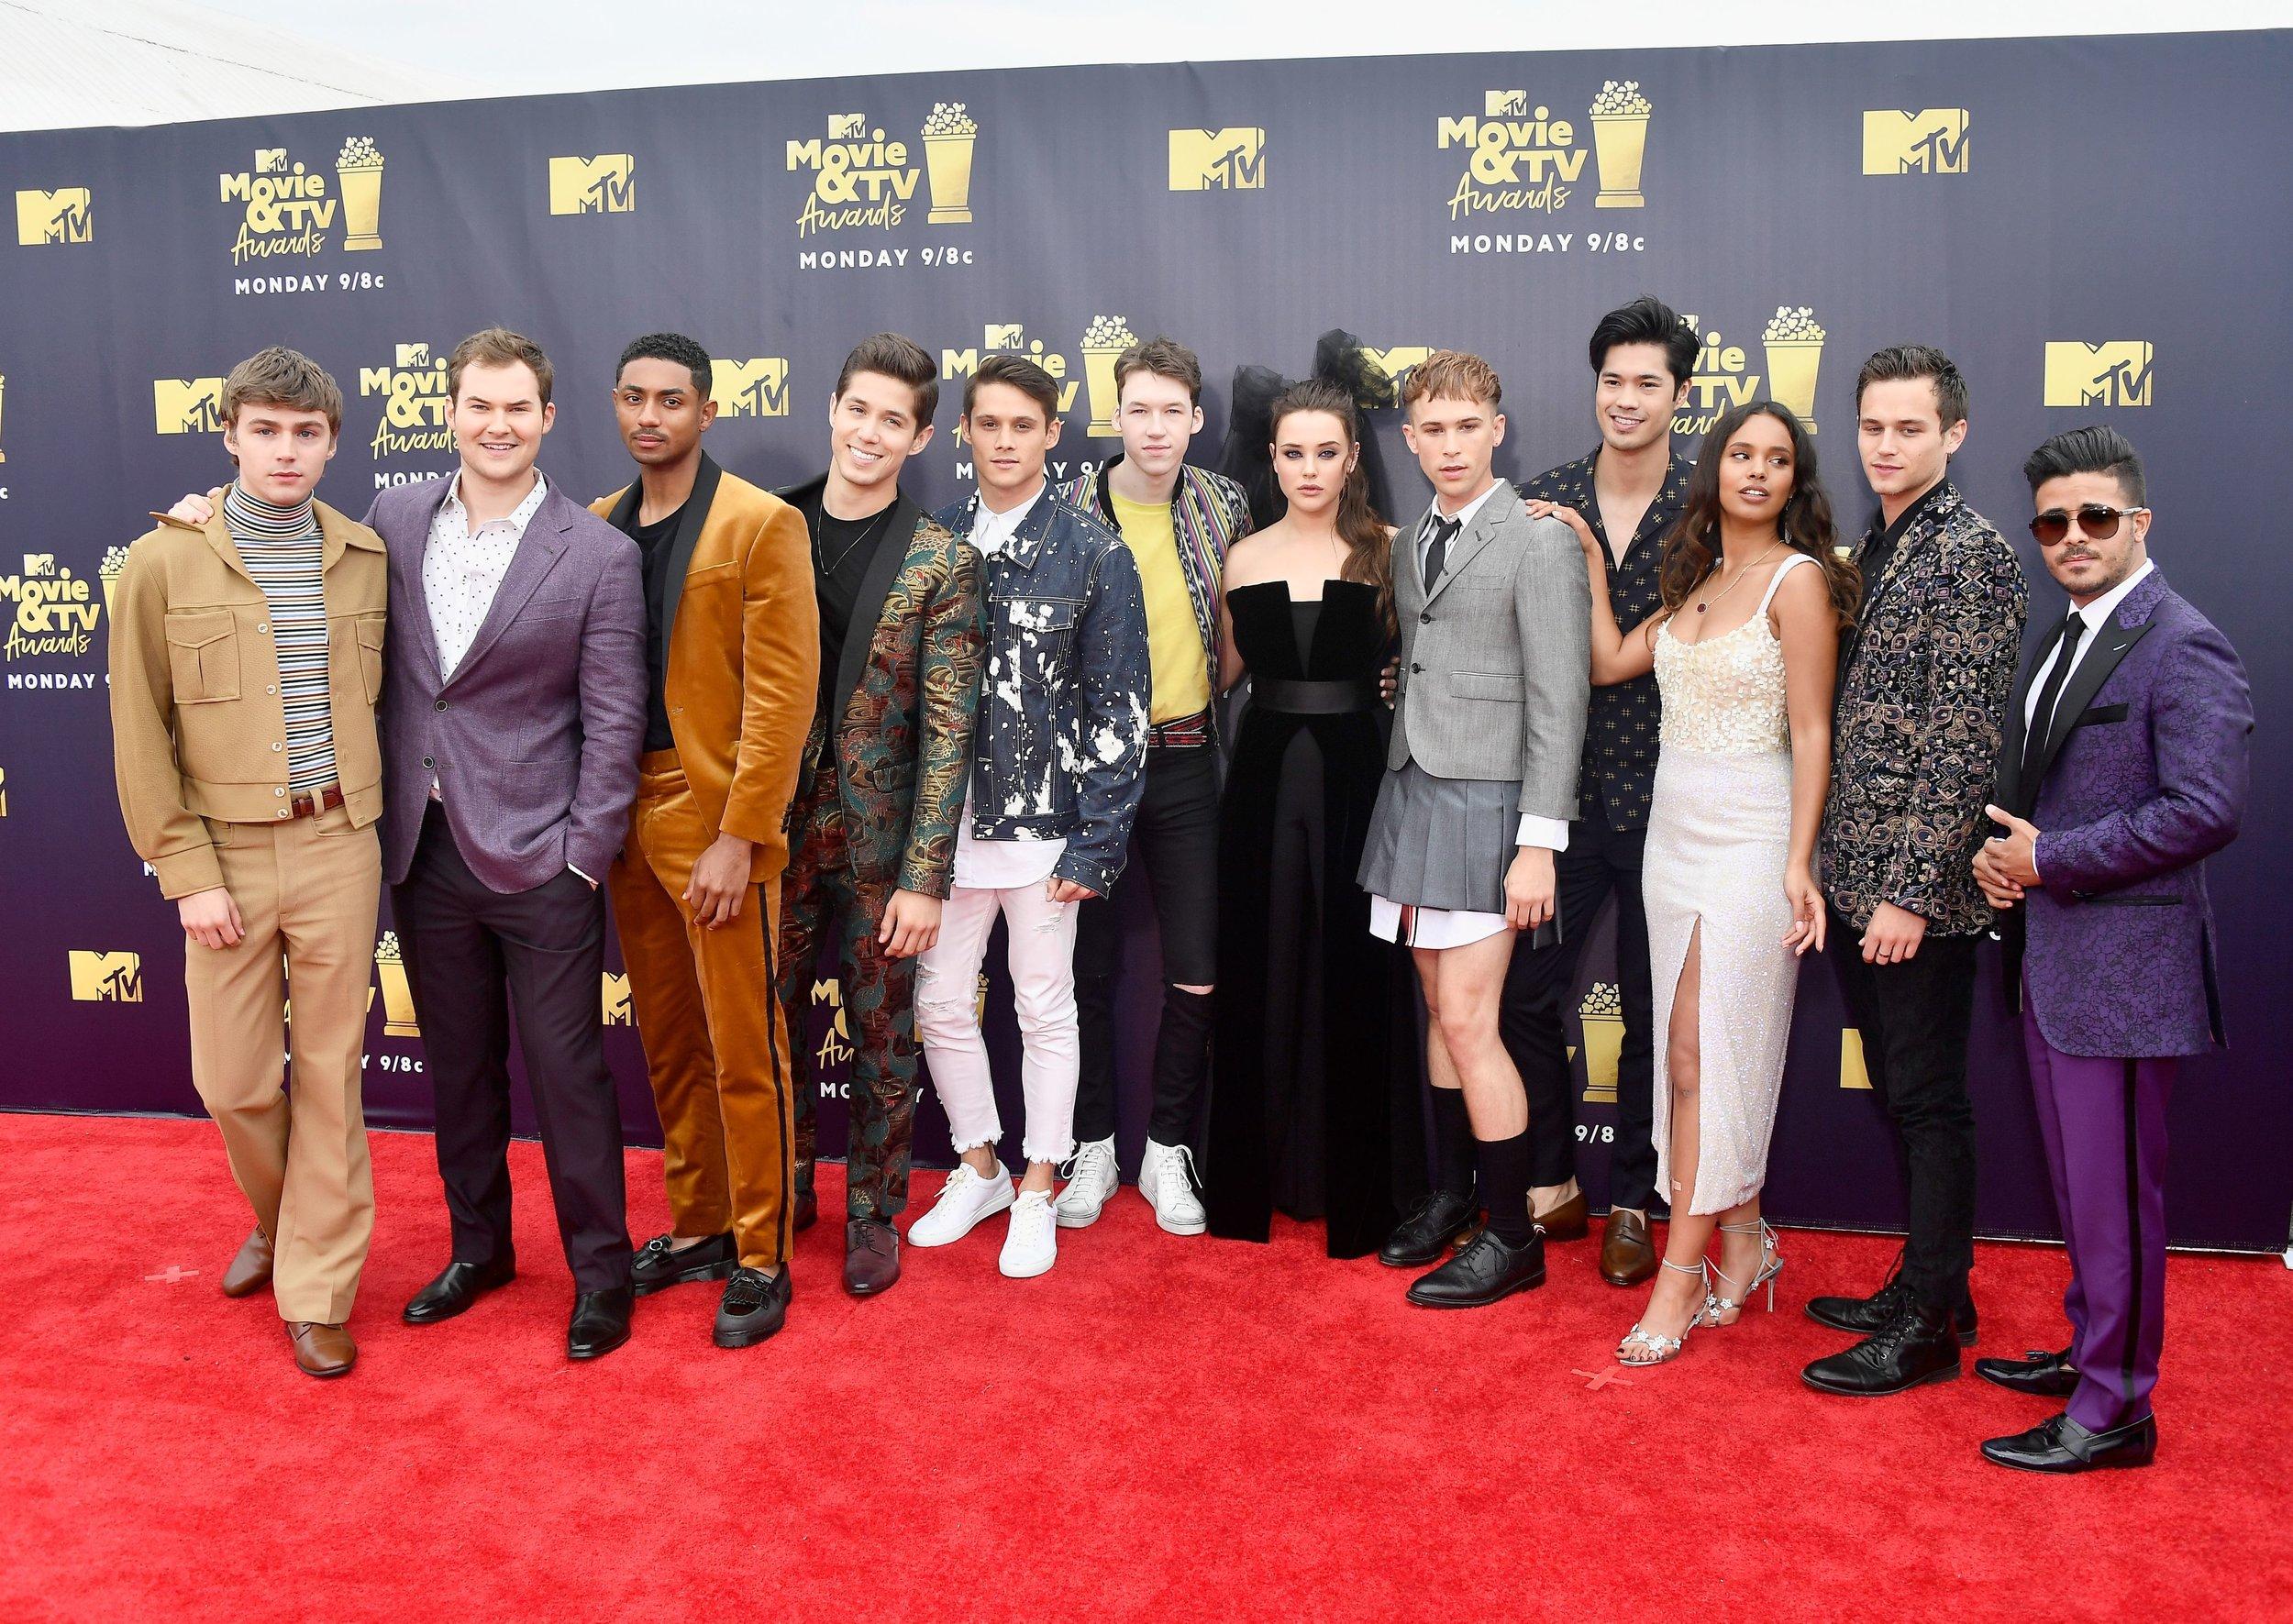 MTV Movie Awards - June 17th